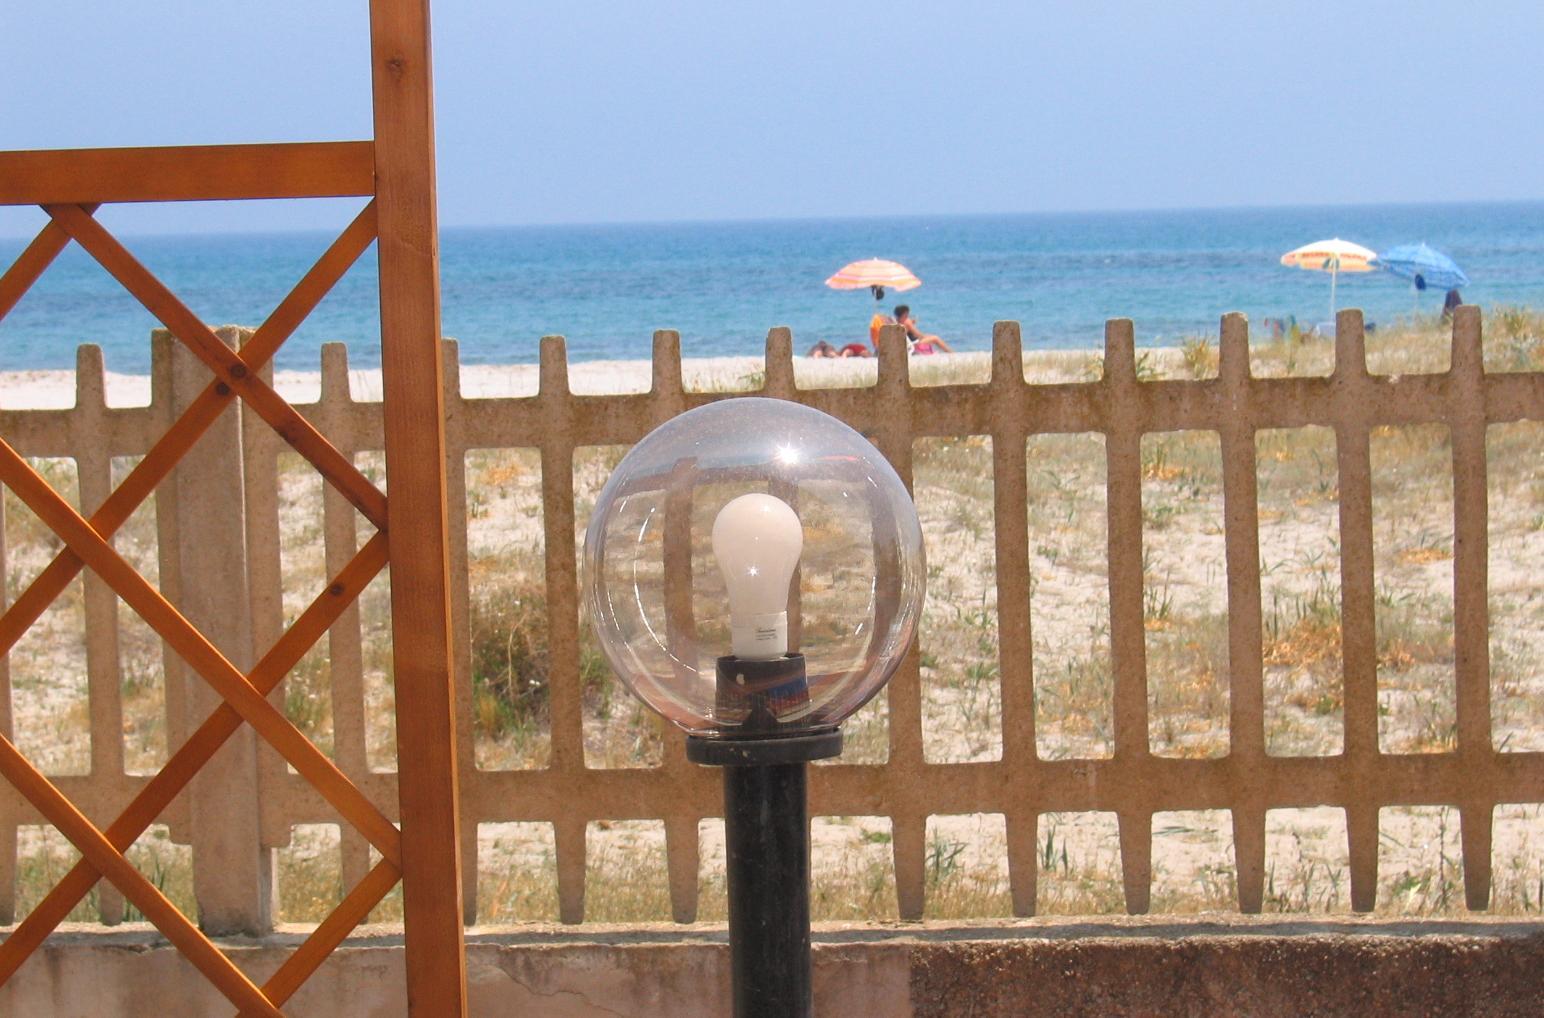 Foto Affitto casa vacanze mare la caletta di siniscola